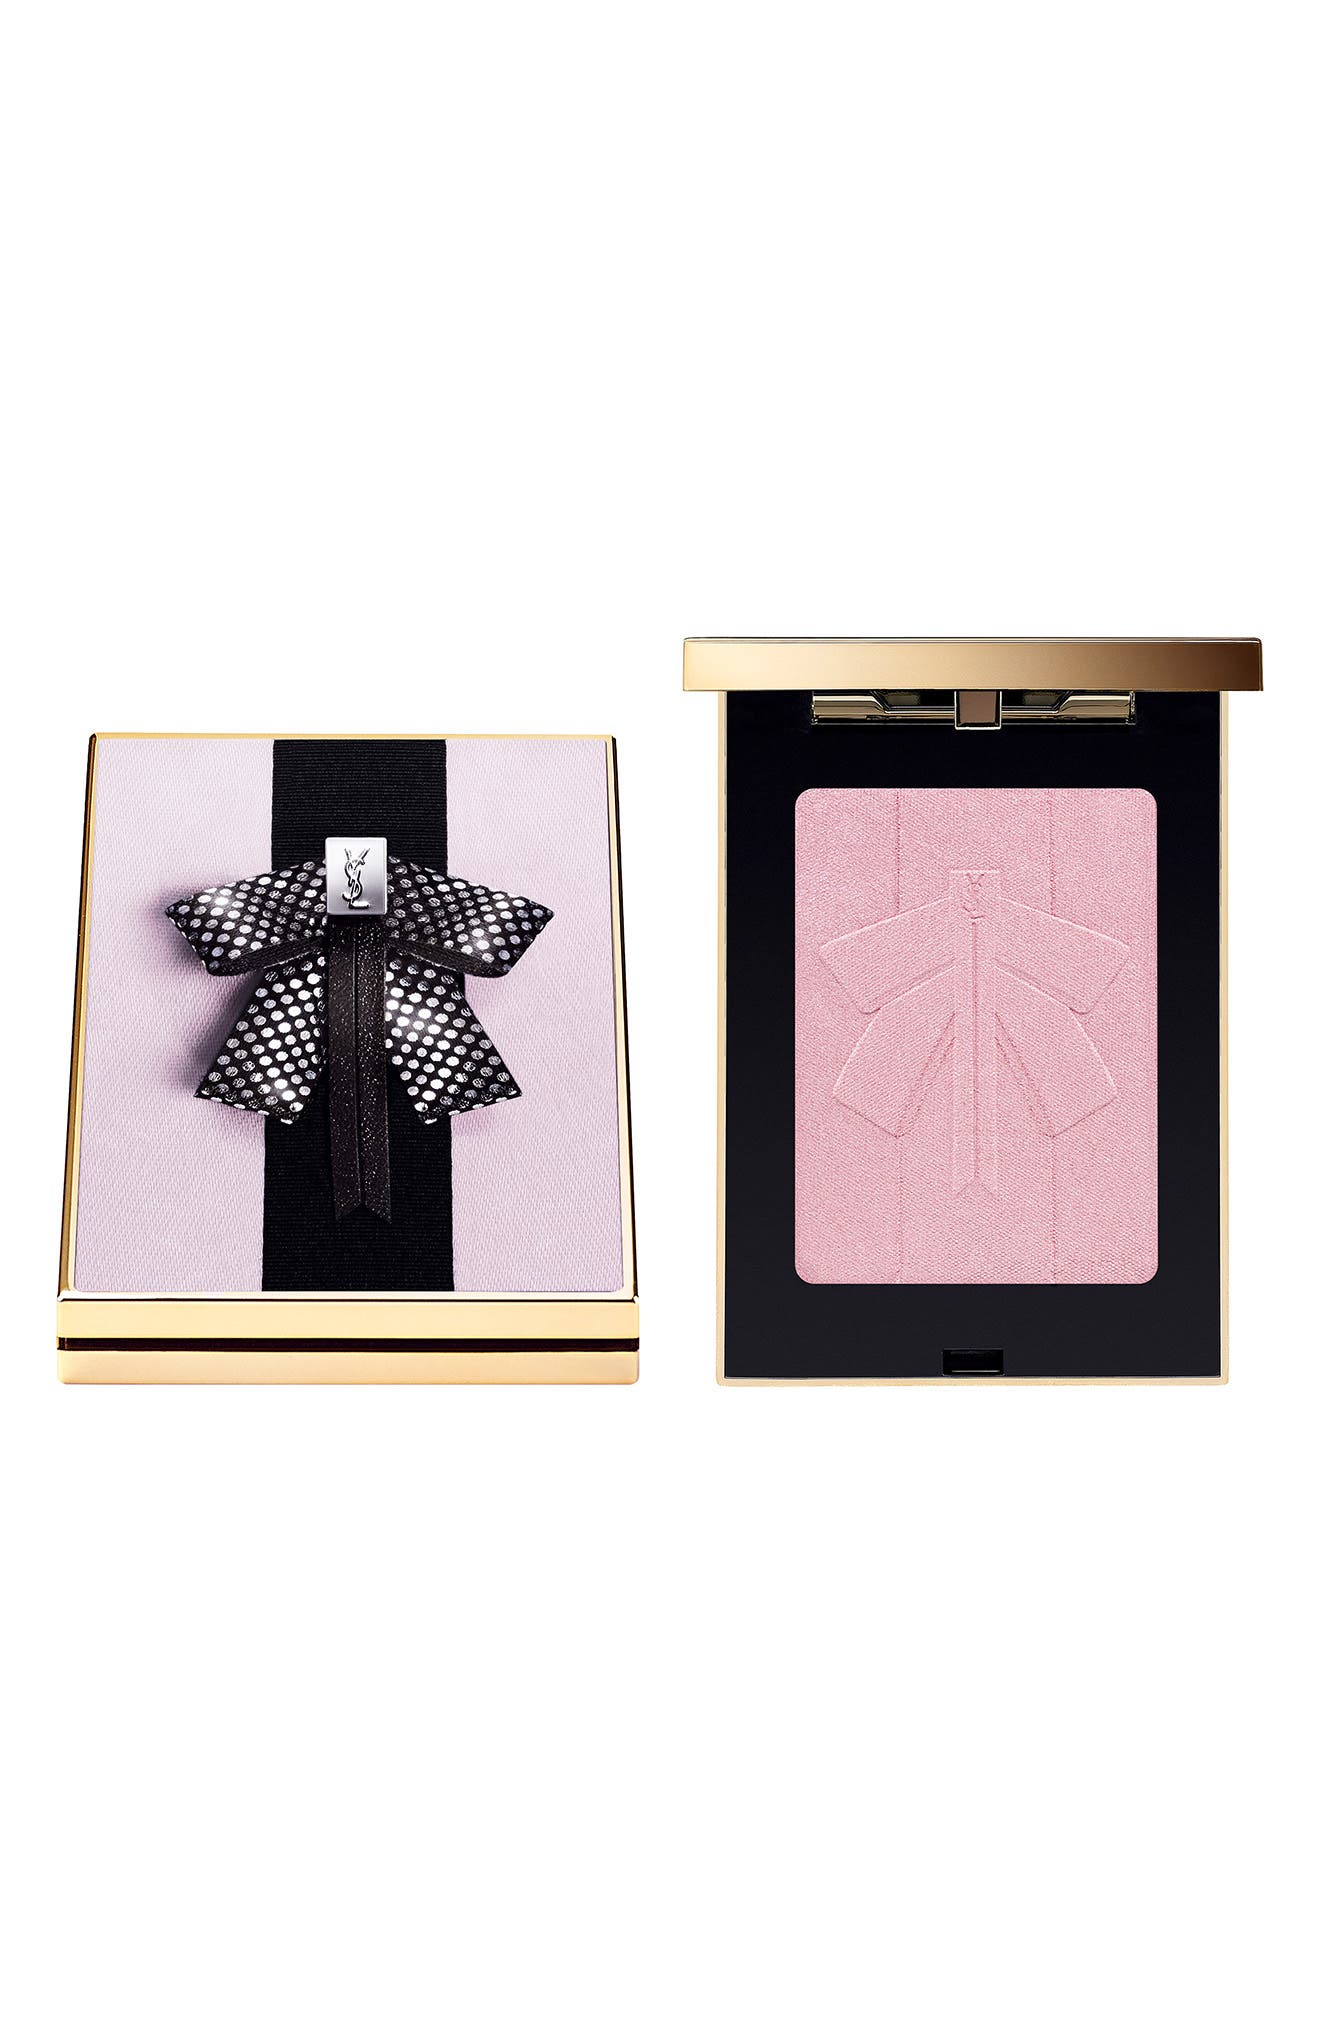 Yves Saint Laurent Mon Paris Couture Blush & Highlighter Palette (Nordstrom Exclusive)